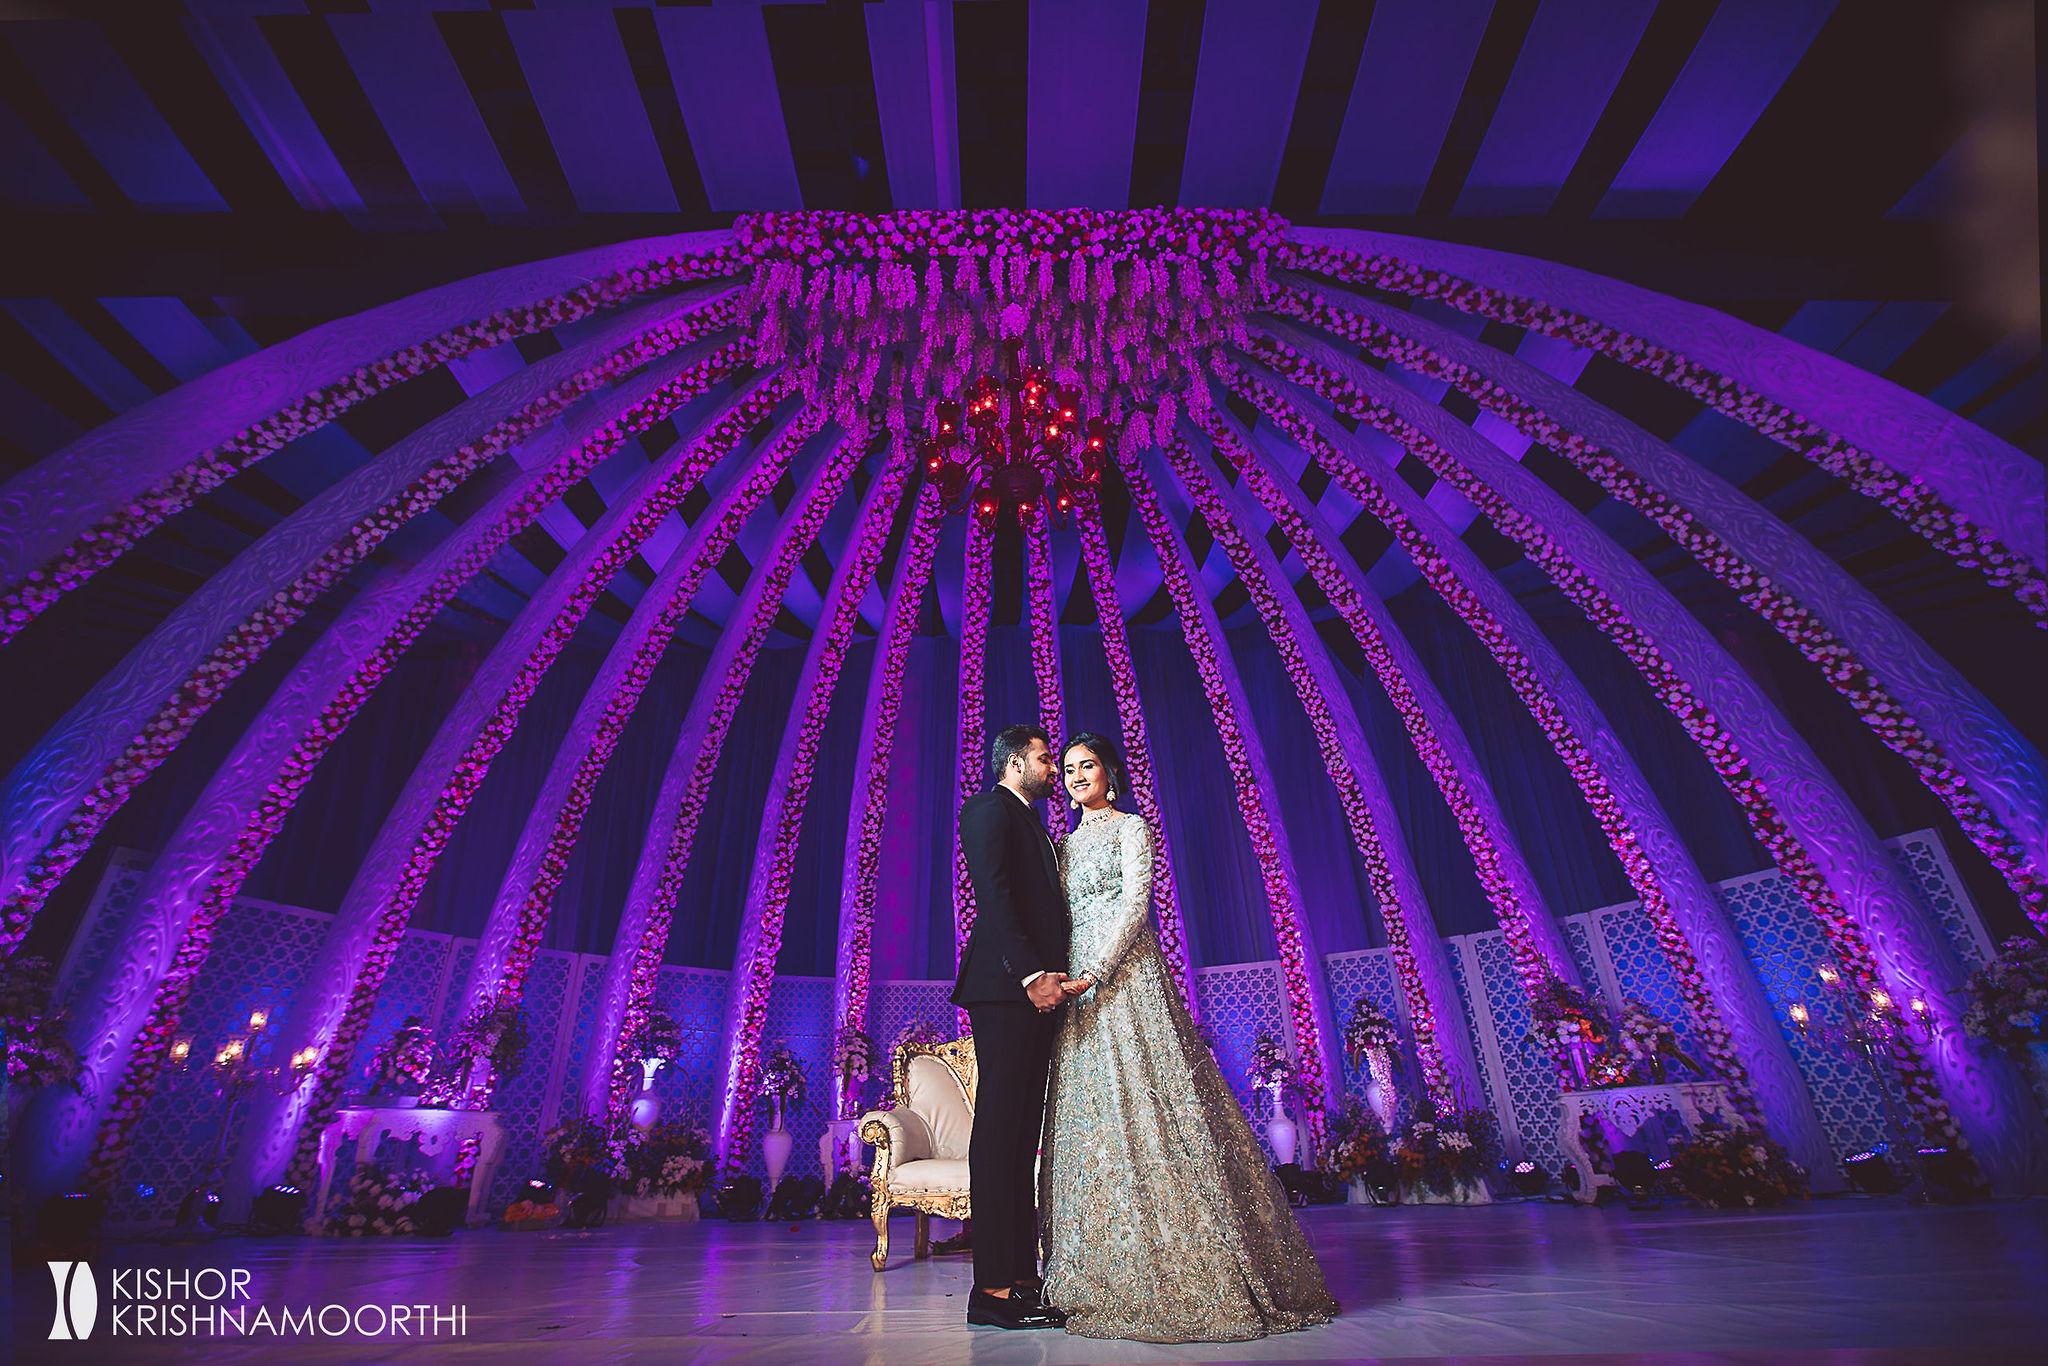 elegant-lovely-cute-couple-shoot-hyderabad-fab-decor-pellikuthuru-pellikoduku-bridal-dress-kishorkrishnamoorthi-reception